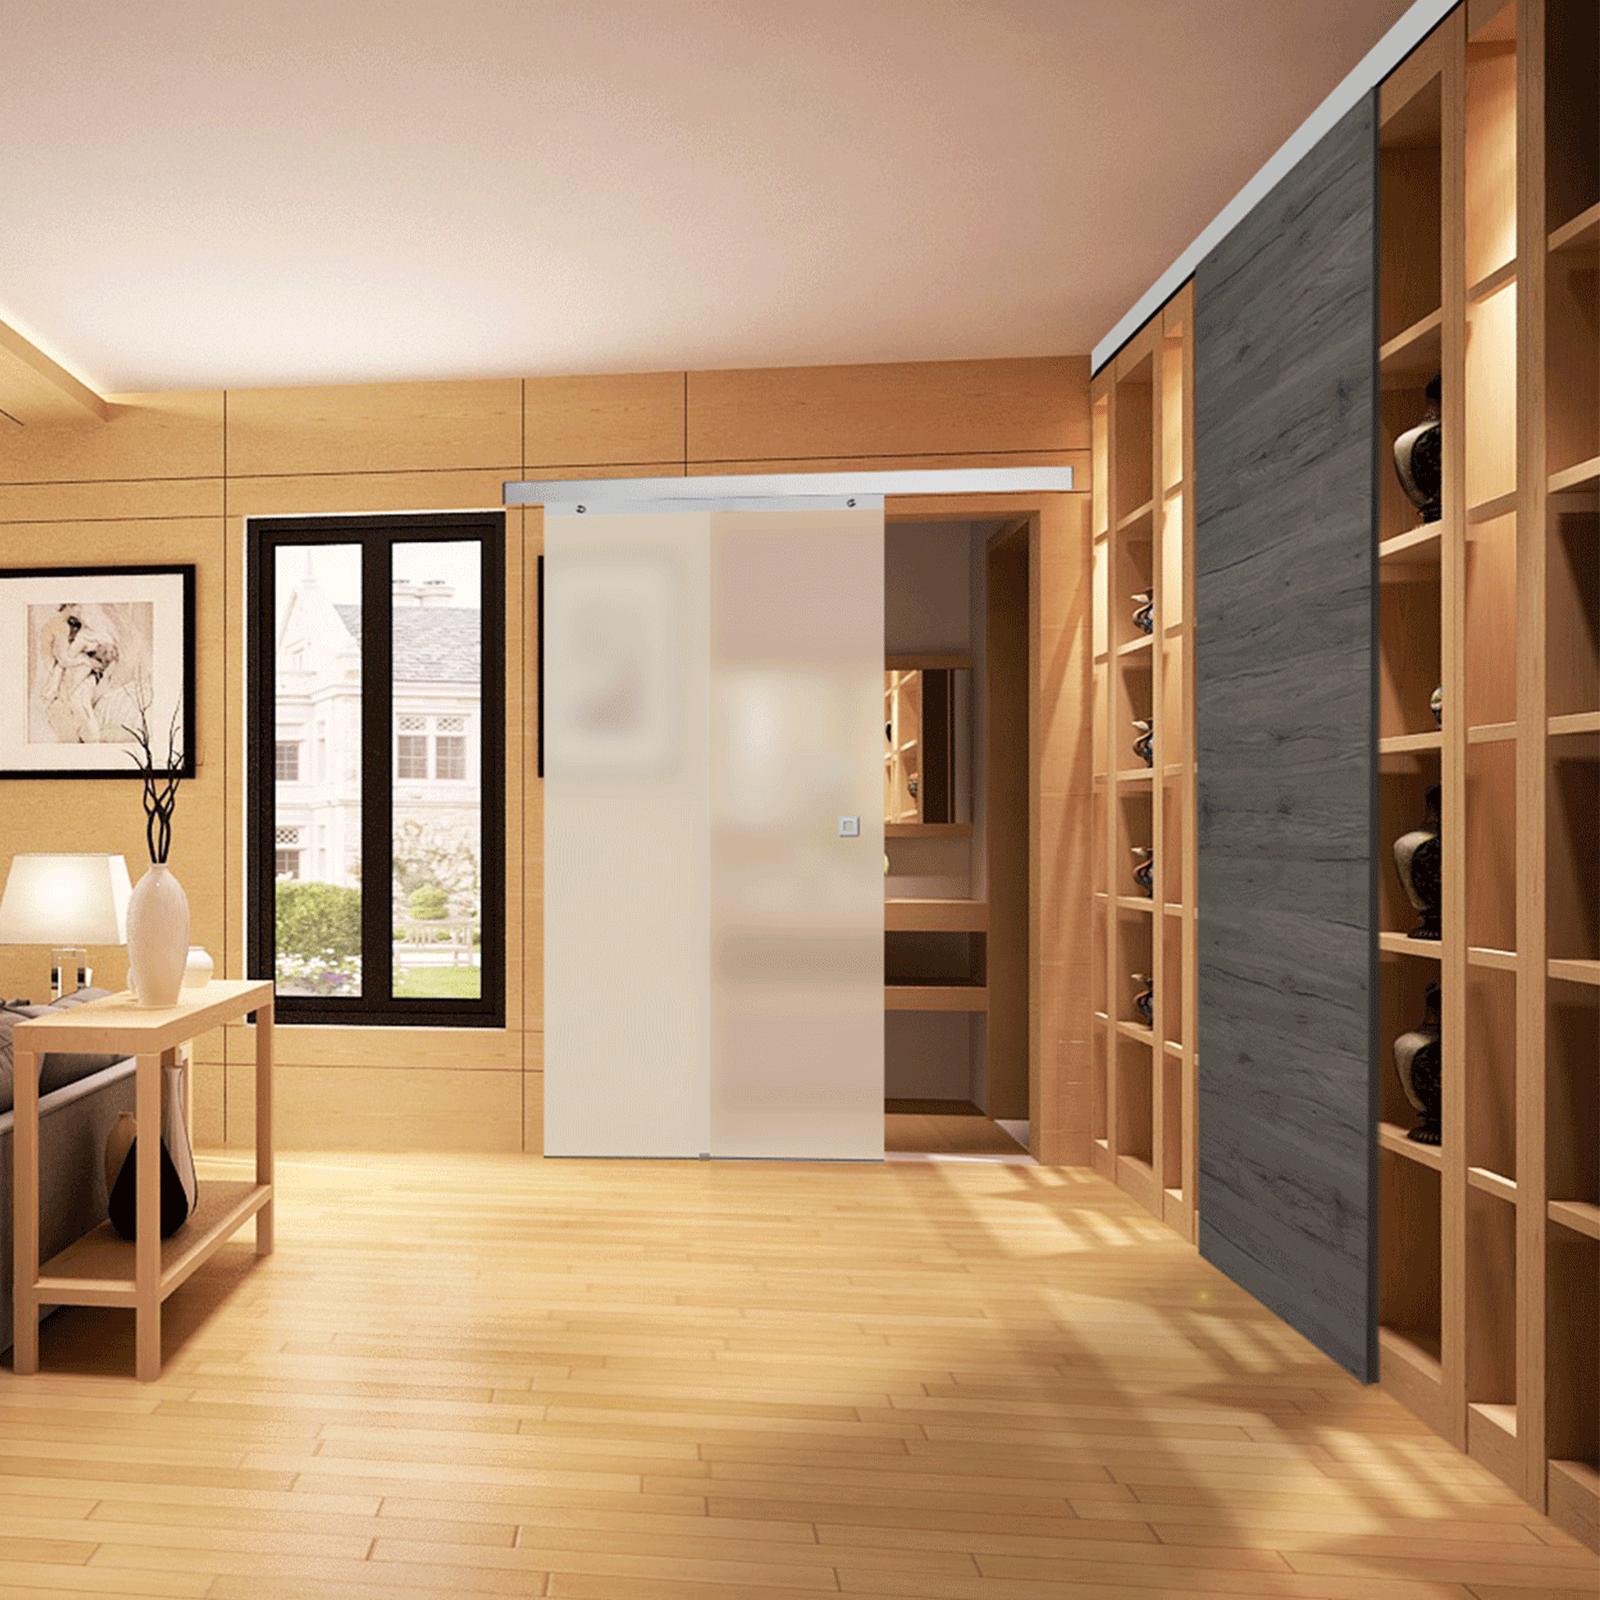 Portes Coulissantes Vitrées Intérieures porte coulissante, le séparateur de pièce idéal | inova-maison